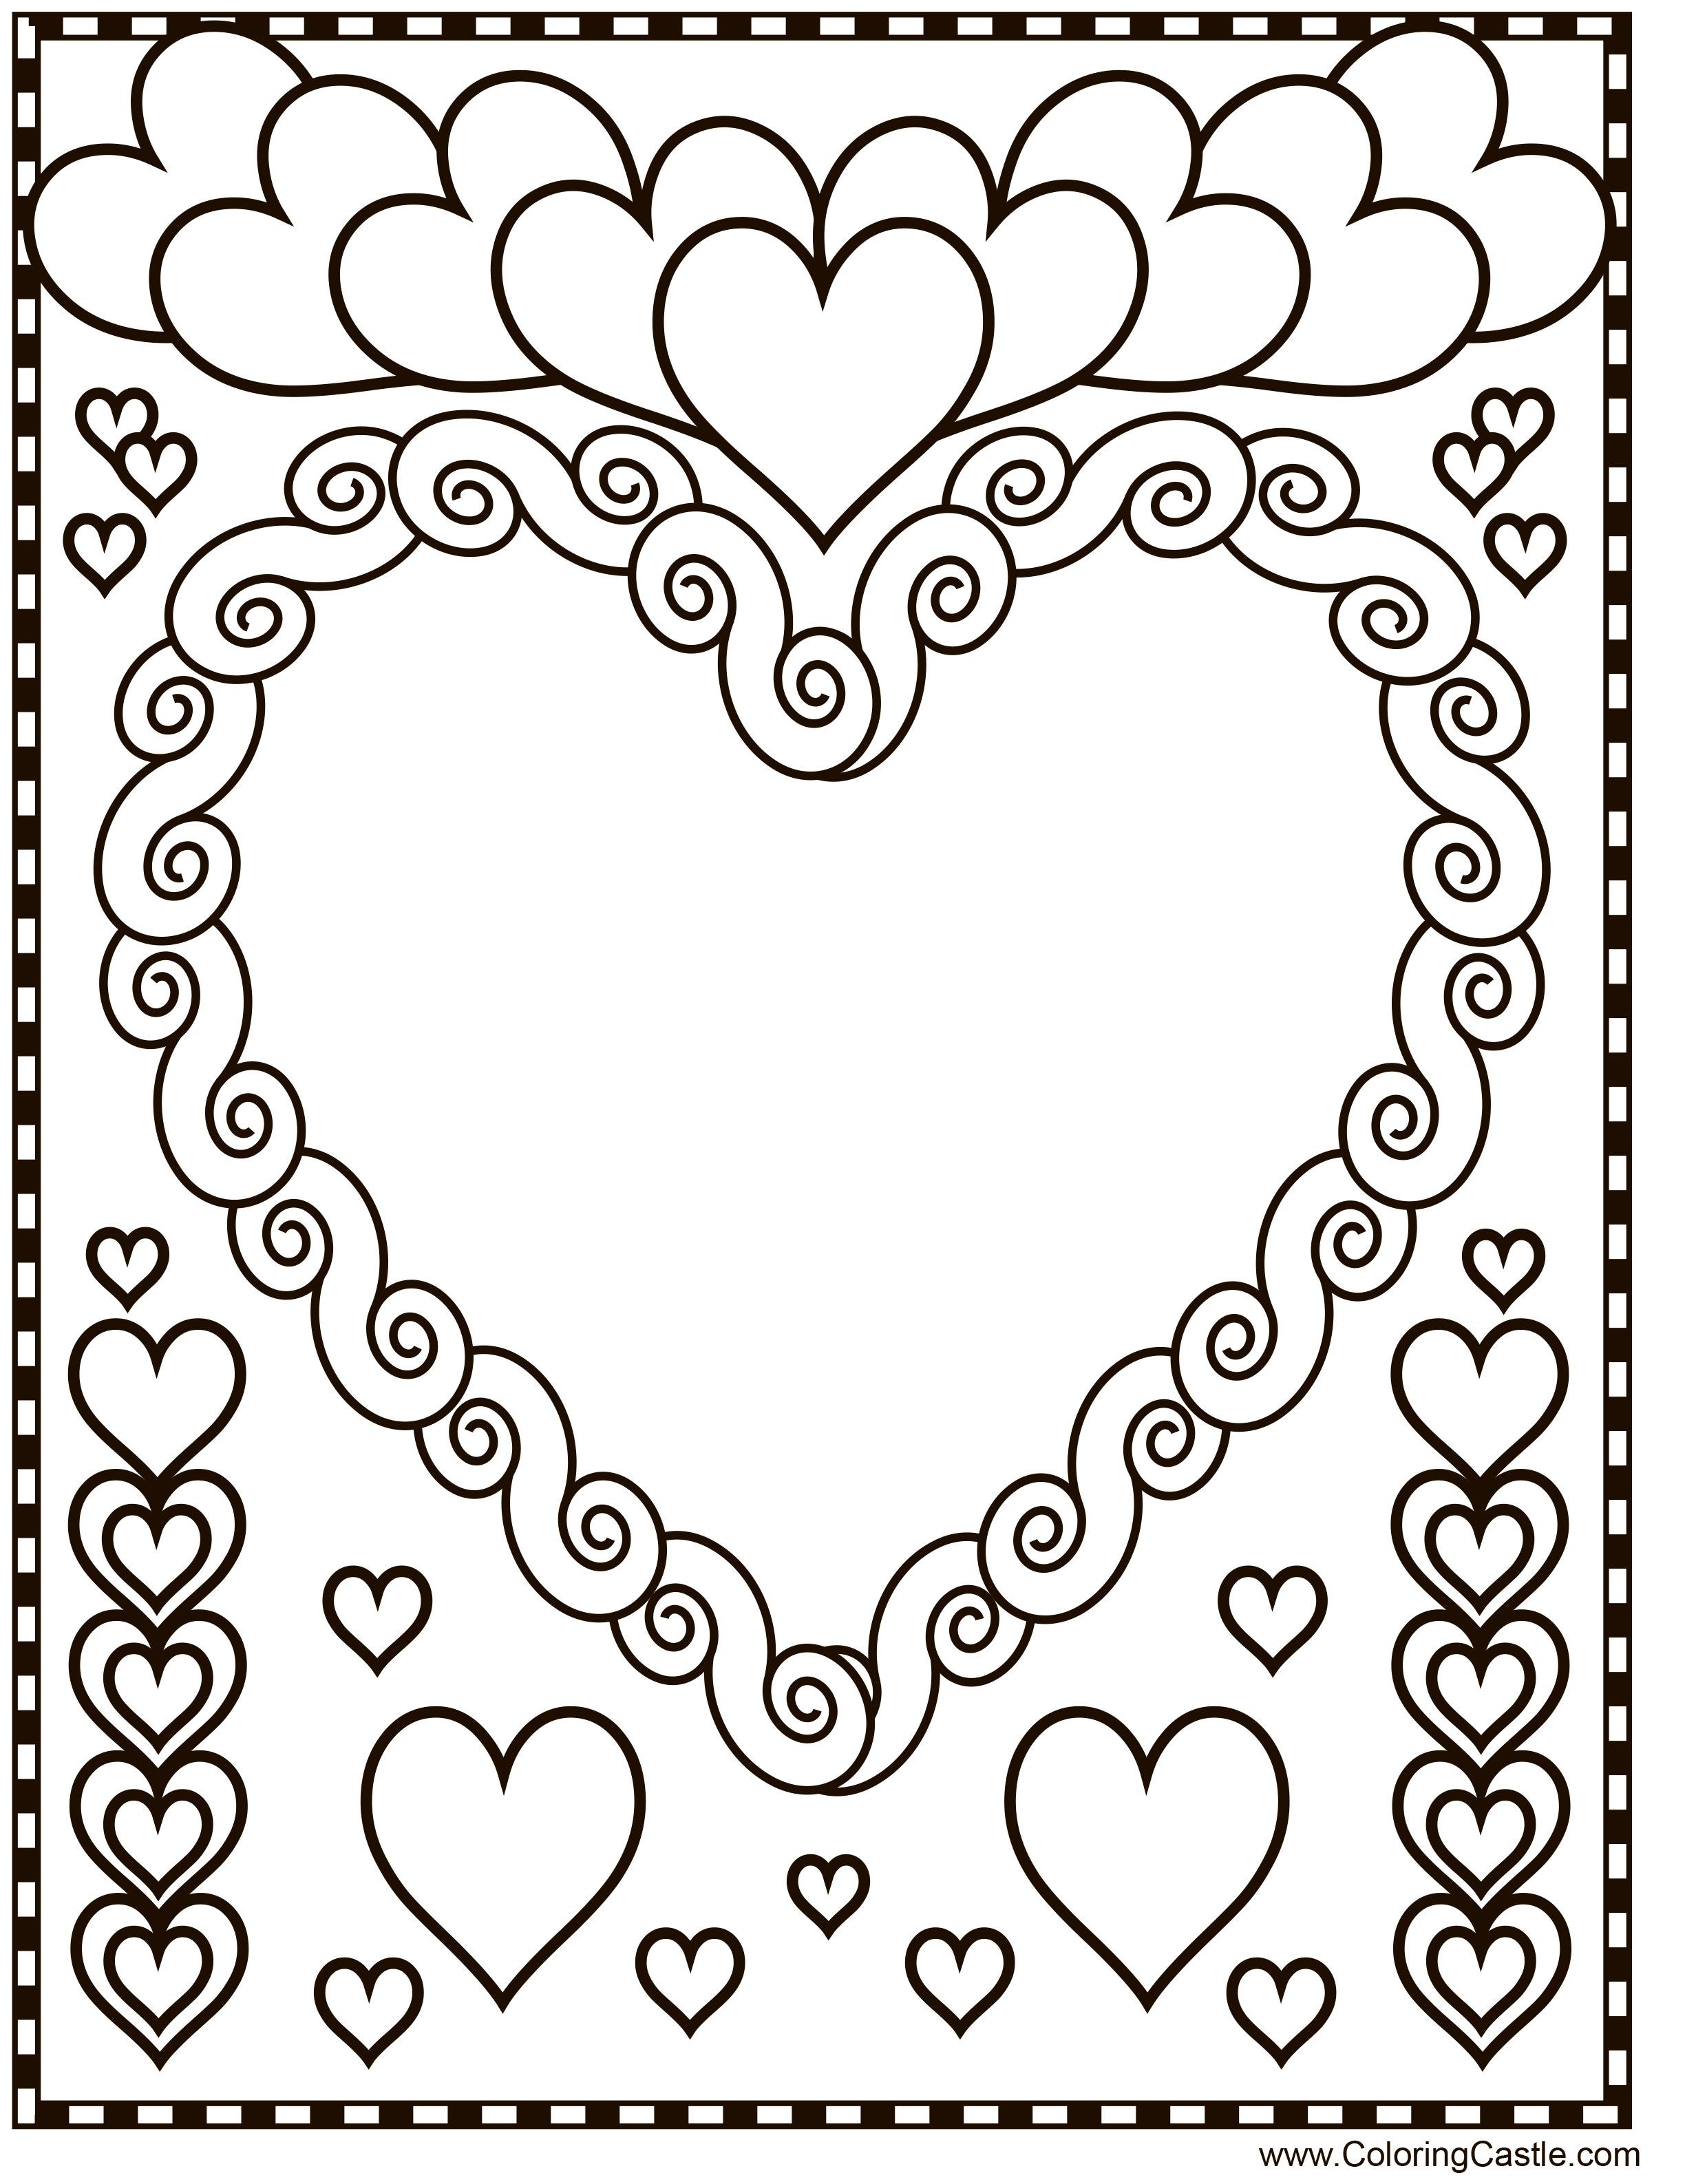 Валентинка-листівка